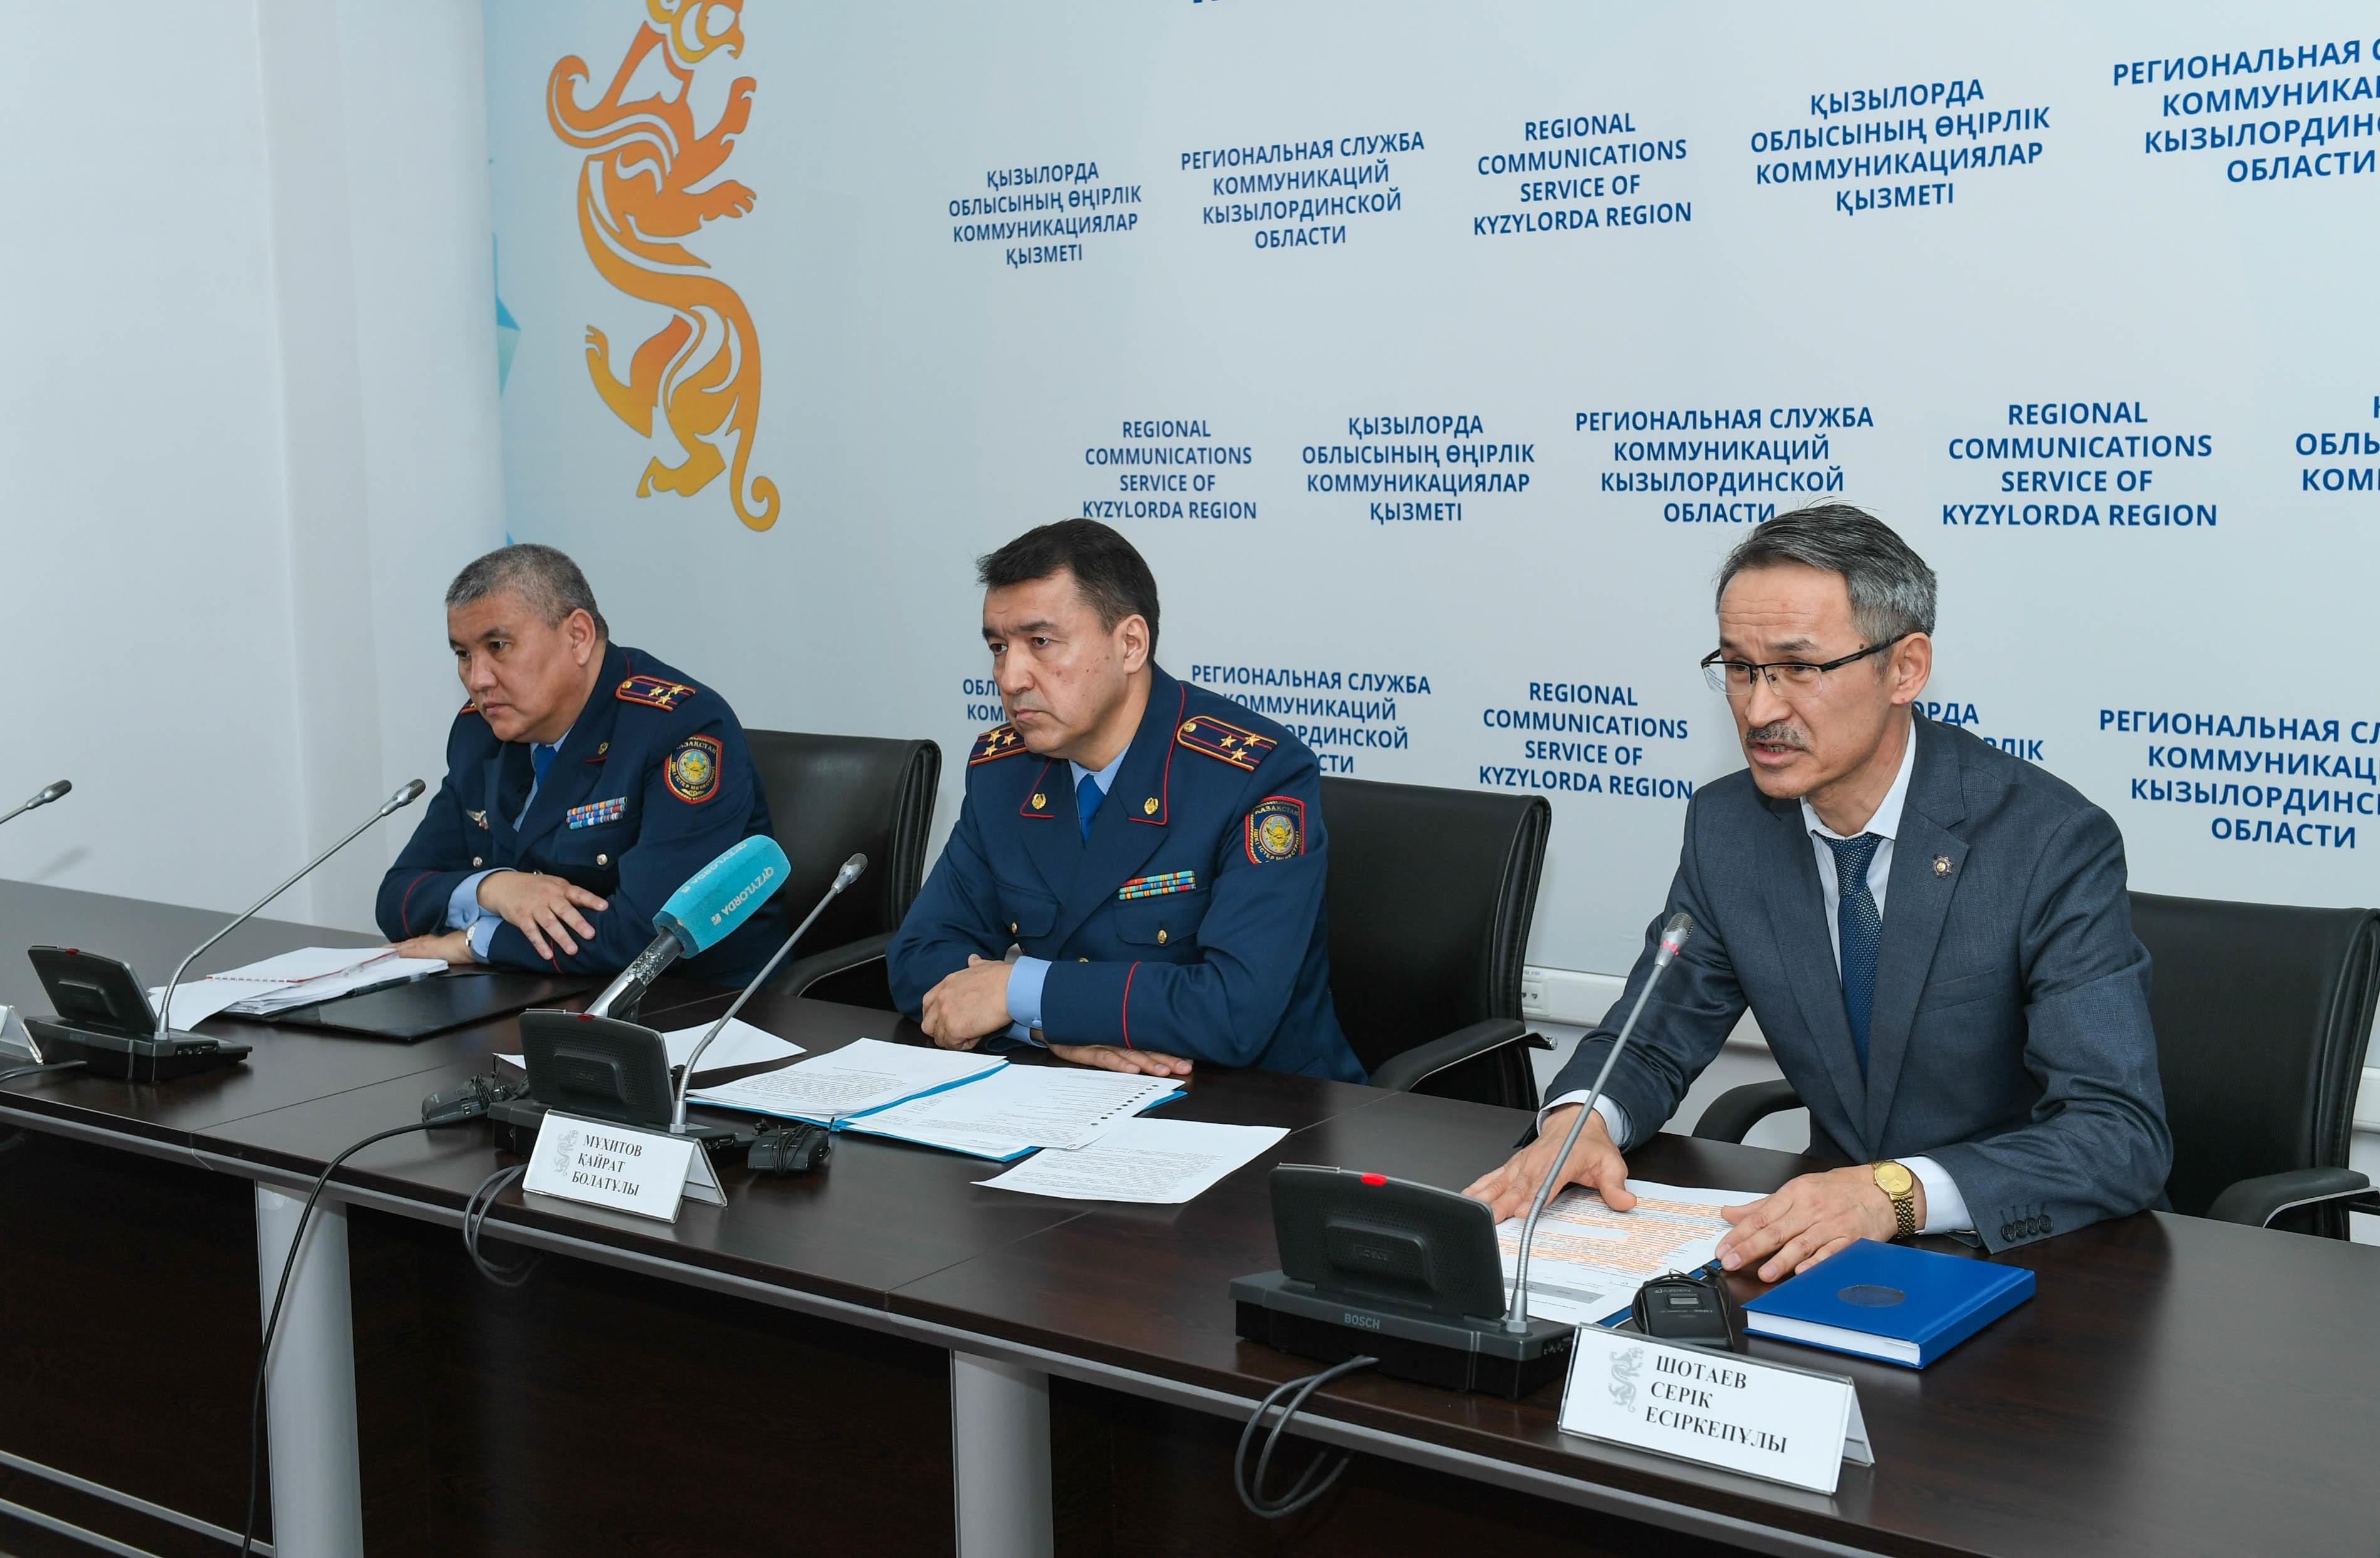 Факт избиения многодетной жительницы Кызылорды в акимате не подтвердился